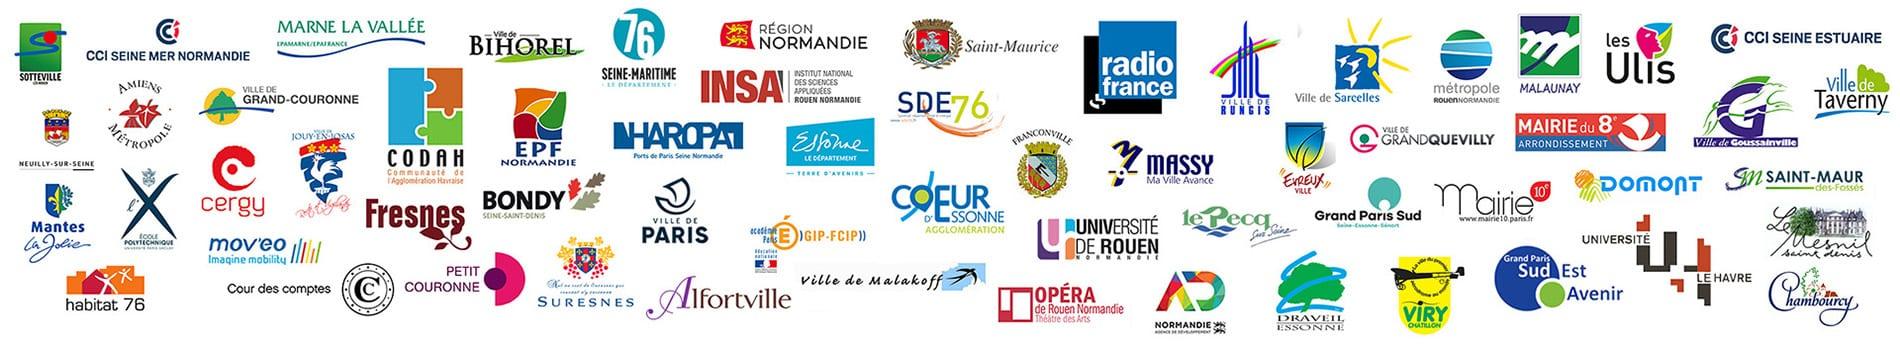 logos-partenaires-marches-publics